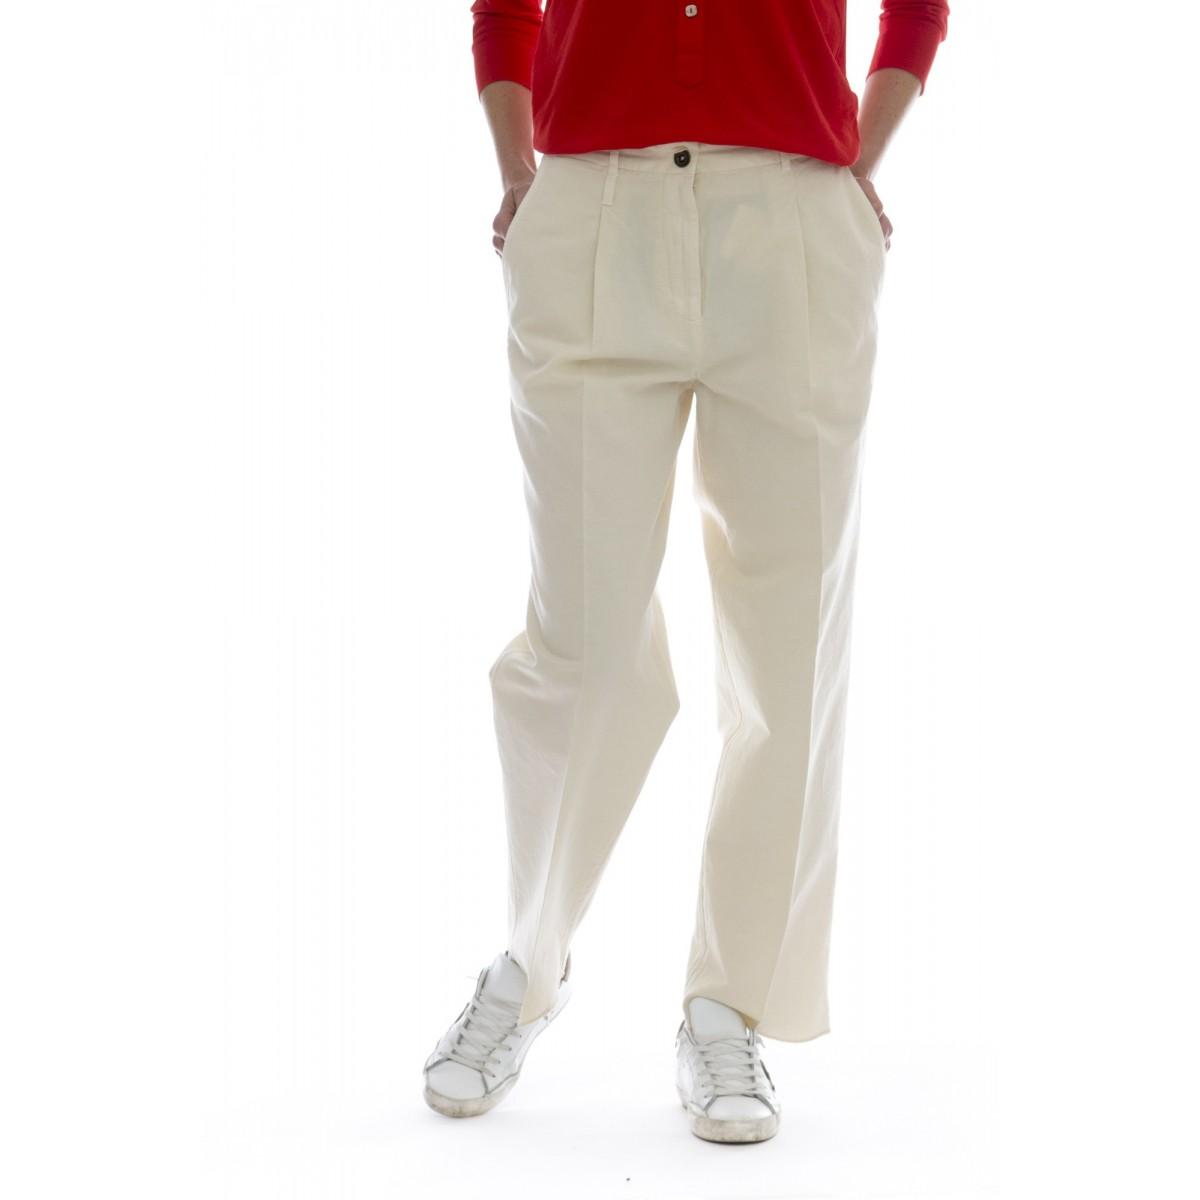 Pantalone donna - 176581 d6207 apryl chino-lino